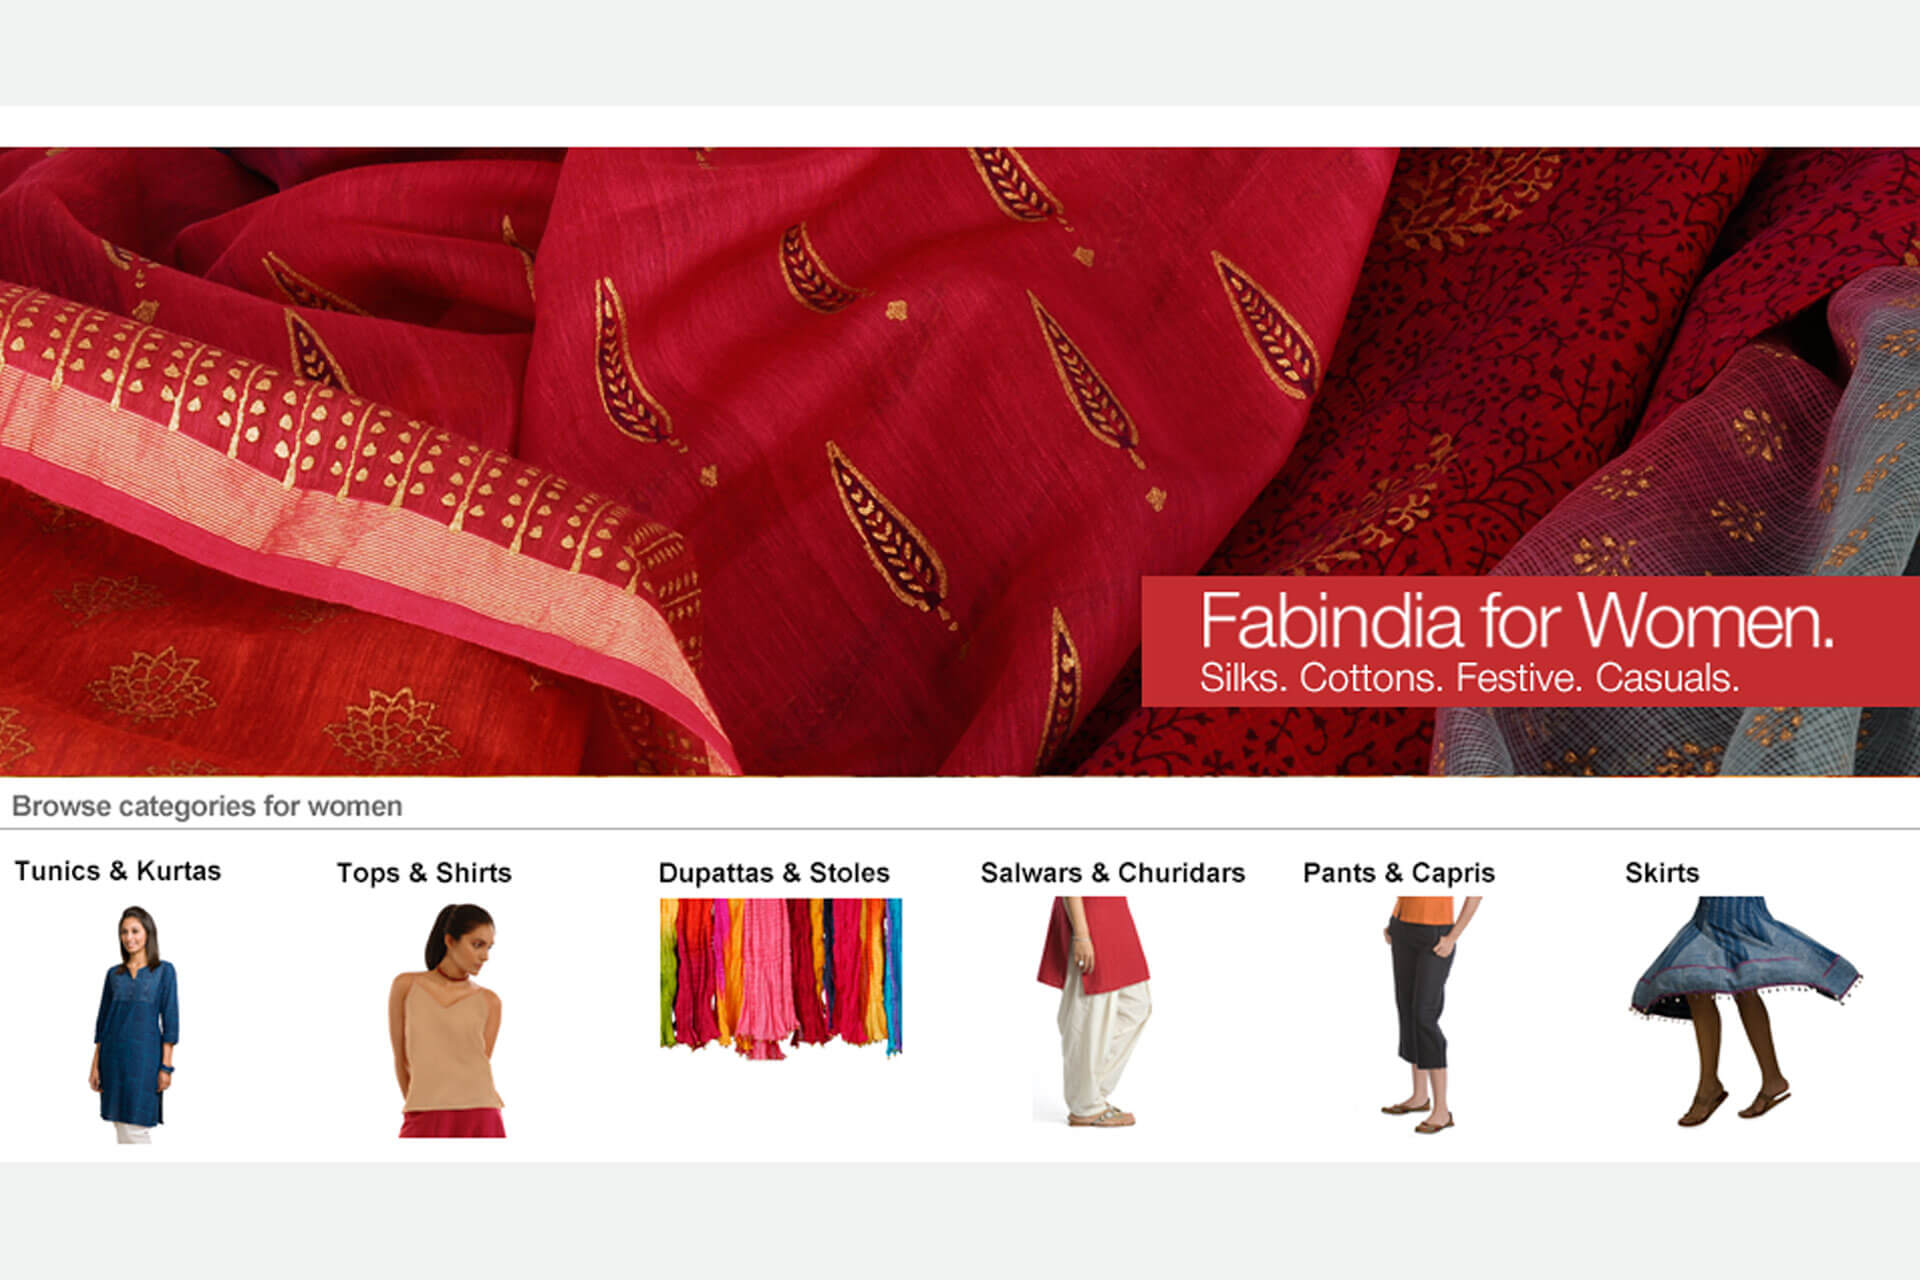 Fabindia for women